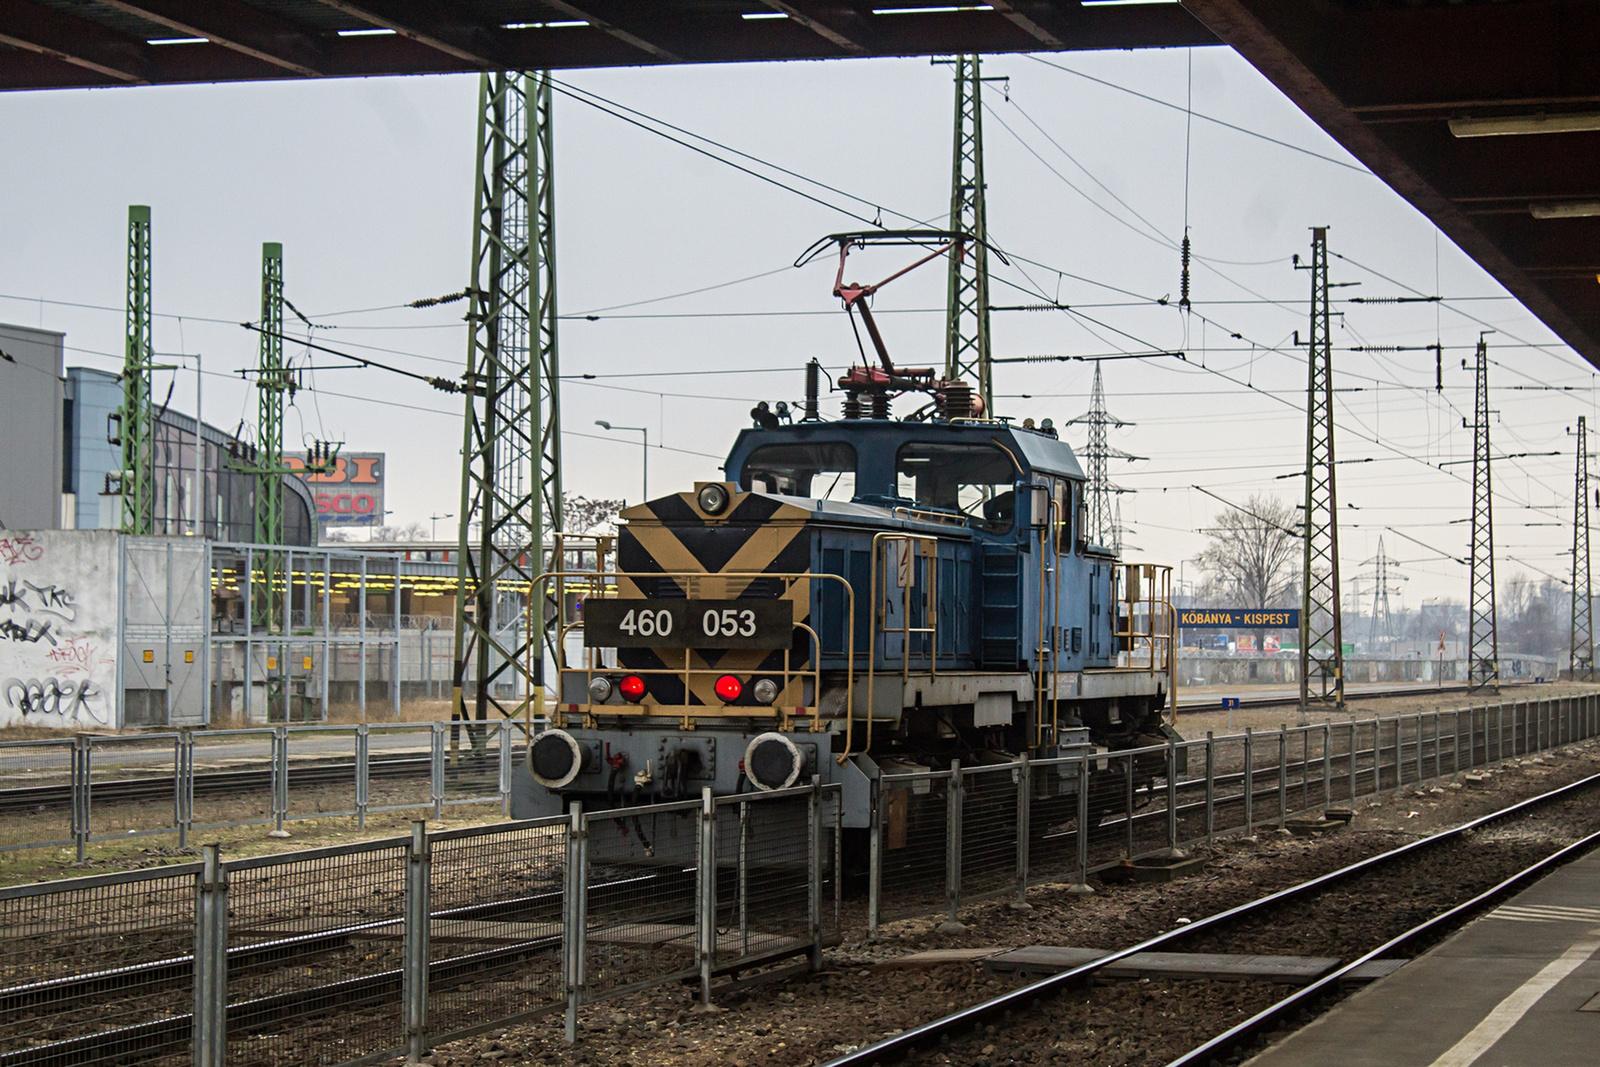 460 053 Kőbánya-Kispest (2021.02.02)